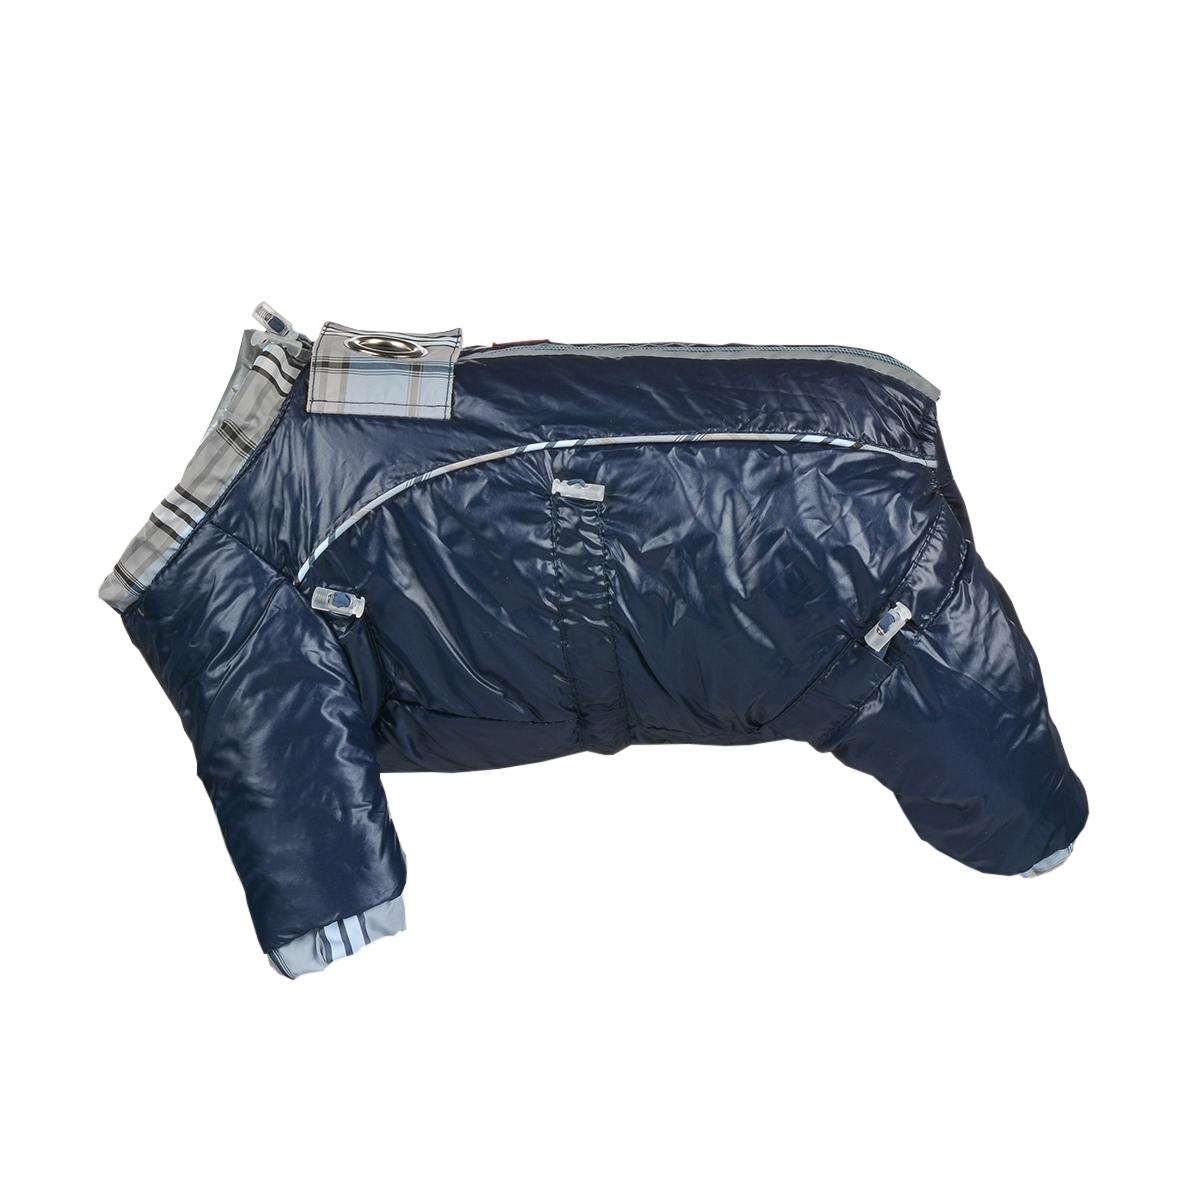 Комбинезон для собак Dogmoda Doggs, зимний, для мальчика, цвет: темно-синий. Размер MDM-140534Комбинезон для собак Dogmoda Doggs отлично подойдет для прогулок в зимнее время года. Комбинезон изготовлен из полиэстера, защищающего от ветра и снега, с утеплителем из синтепона, который сохранит тепло даже в сильные морозы, а на подкладке используется искусственный мех, который обеспечивает отличный воздухообмен. Комбинезон застегивается на молнию и липучку, благодаря чему его легко надевать и снимать. Молния снабжена светоотражающими элементами. Низ рукавов и брючин оснащен внутренними резинками, которые мягко обхватывают лапки, не позволяя просачиваться холодному воздуху. На вороте, пояснице и лапках комбинезон затягивается на шнурок-кулиску с затяжкой. Модель снабжена непромокаемым карманом для размещения записки с информацией о вашем питомце, на случай если он потеряется.Благодаря такому комбинезону простуда не грозит вашему питомцу и он не даст любимцу продрогнуть на прогулке.Одежда для собак: нужна ли она и как её выбрать. Статья OZON Гид